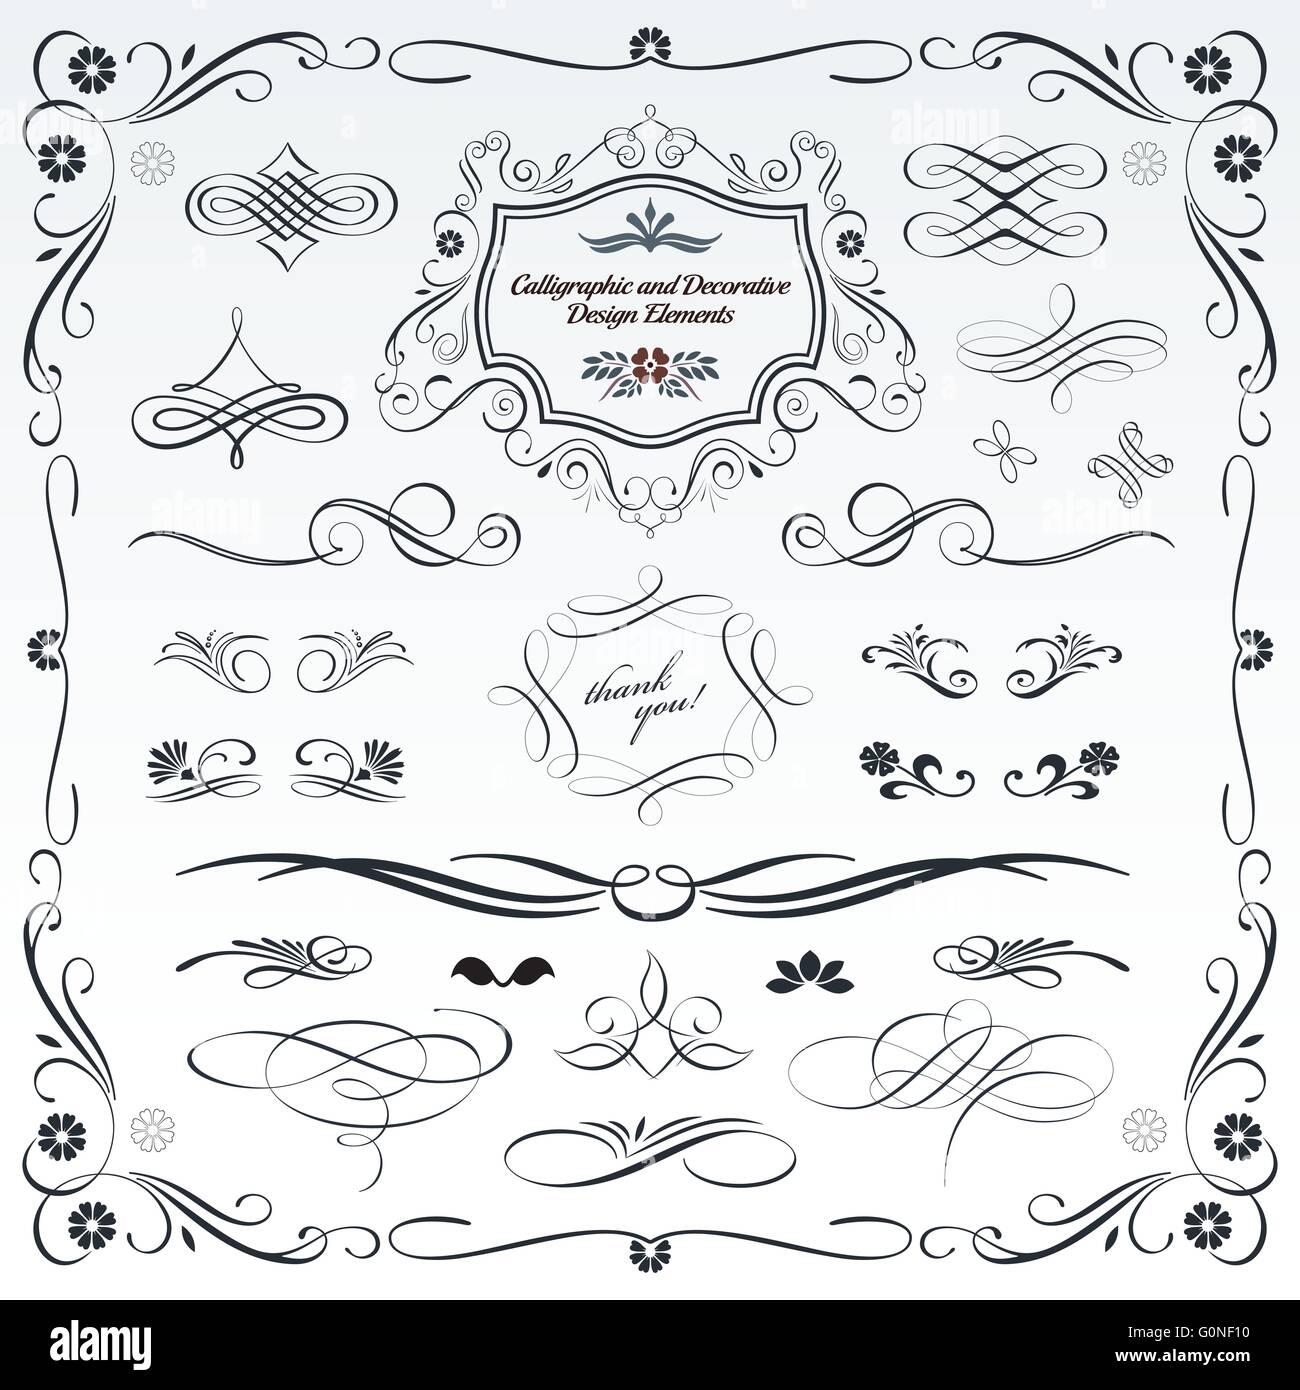 Raccolta di calligrafica decorativo e modelli di progettazione, abbellimenti in formato vettoriale. Immagini Stock